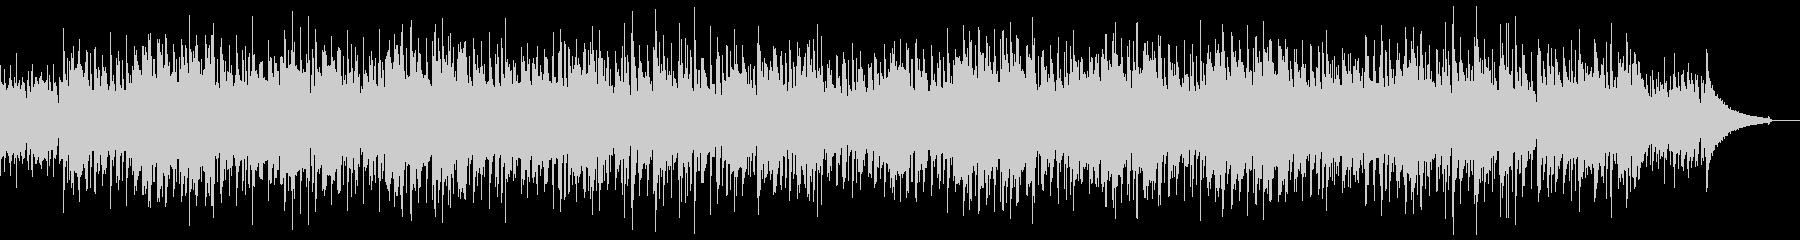 コーヒーブレイクに合うボサノバBGMの未再生の波形